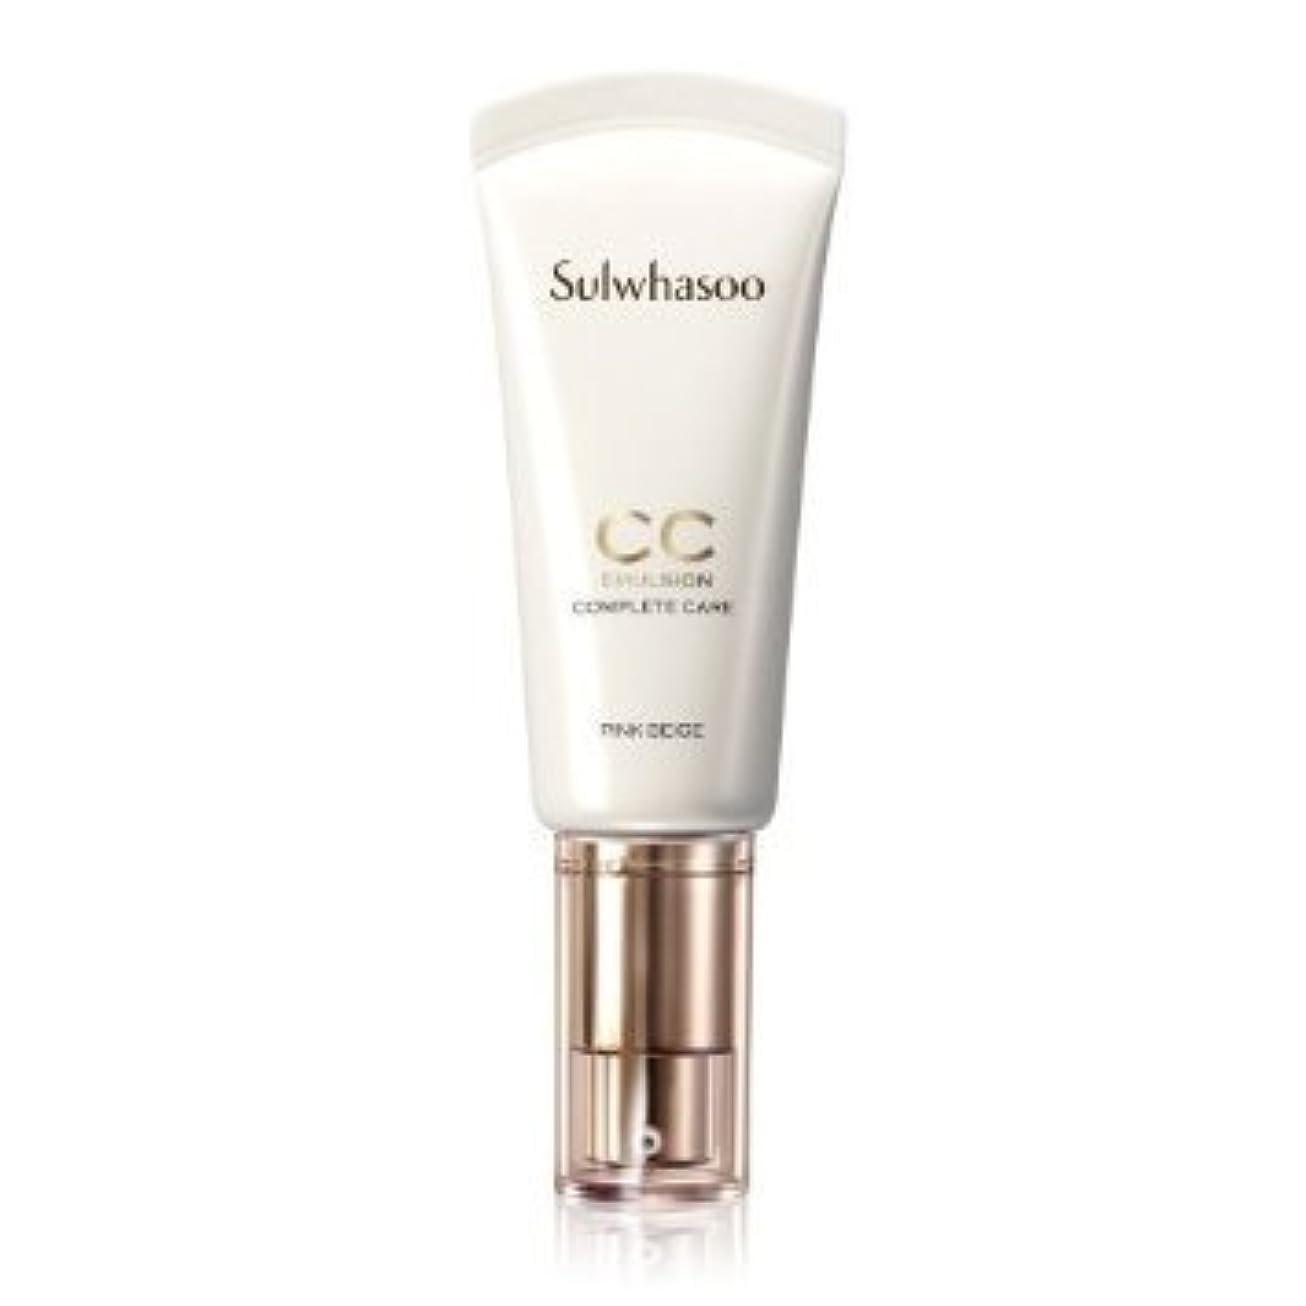 安息問い合わせ代表団Sulwhasoo CC Emulsion BB Cream Blemish Balm #02 Medium Beige[並行輸入品]